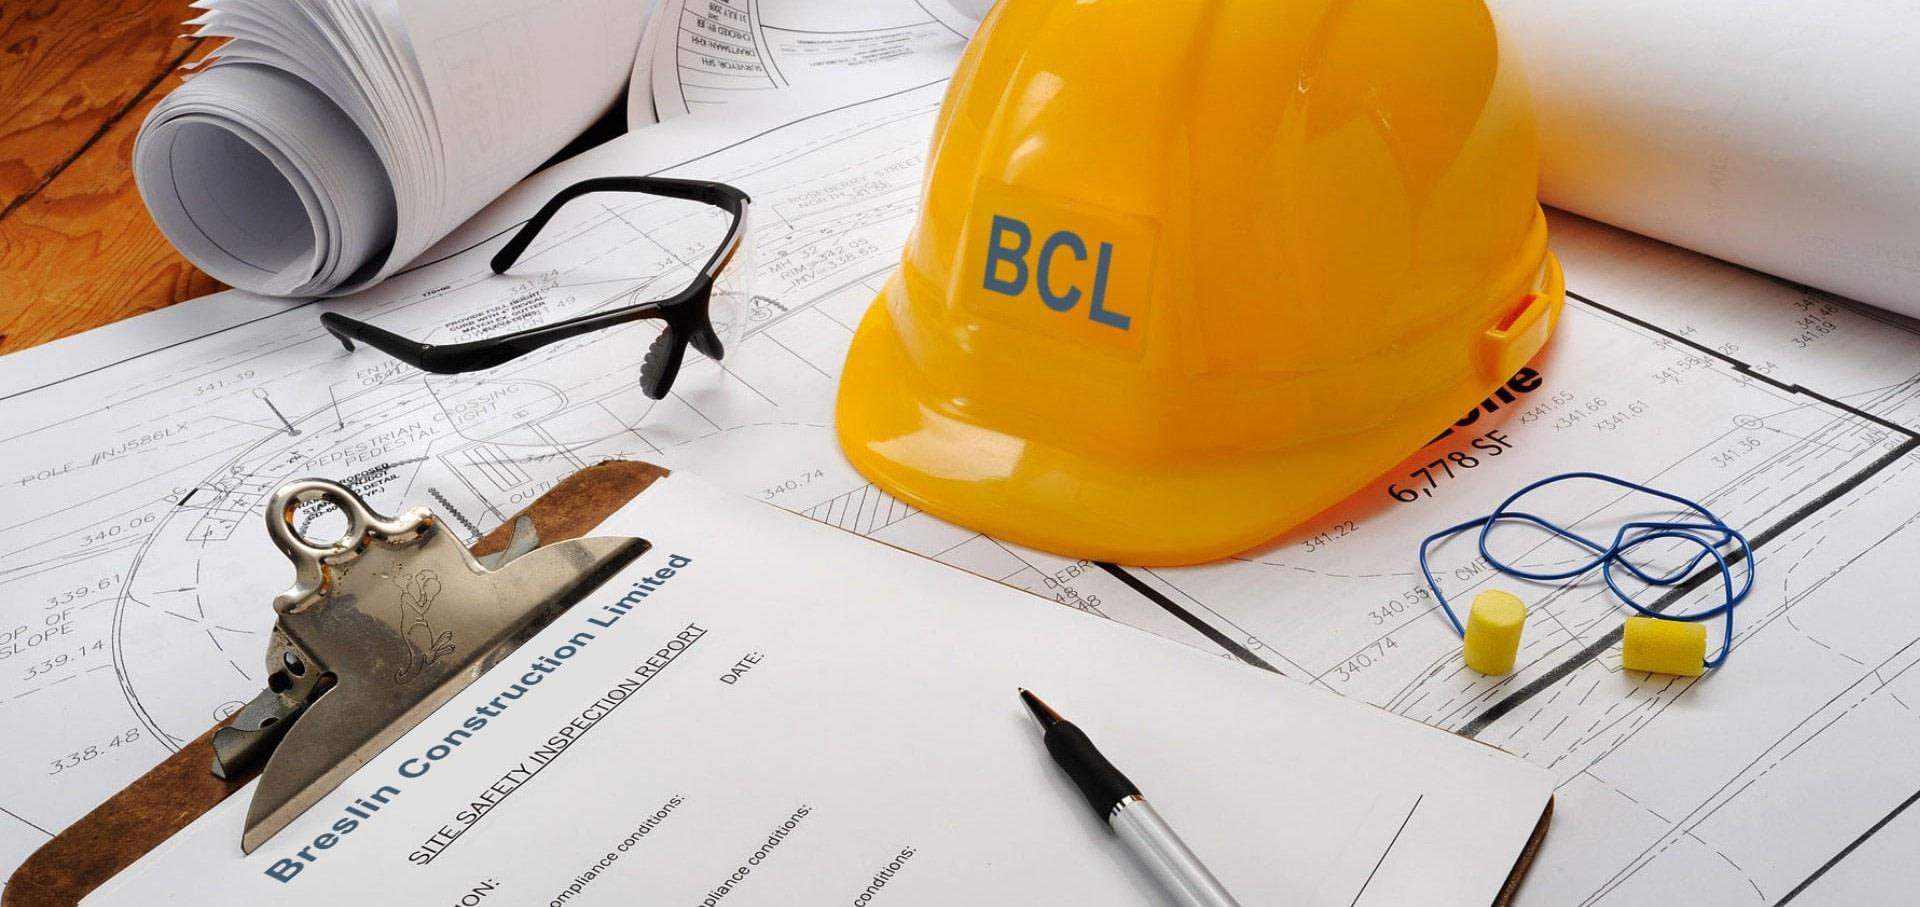 BCL_hard_hat1-e1440605637468